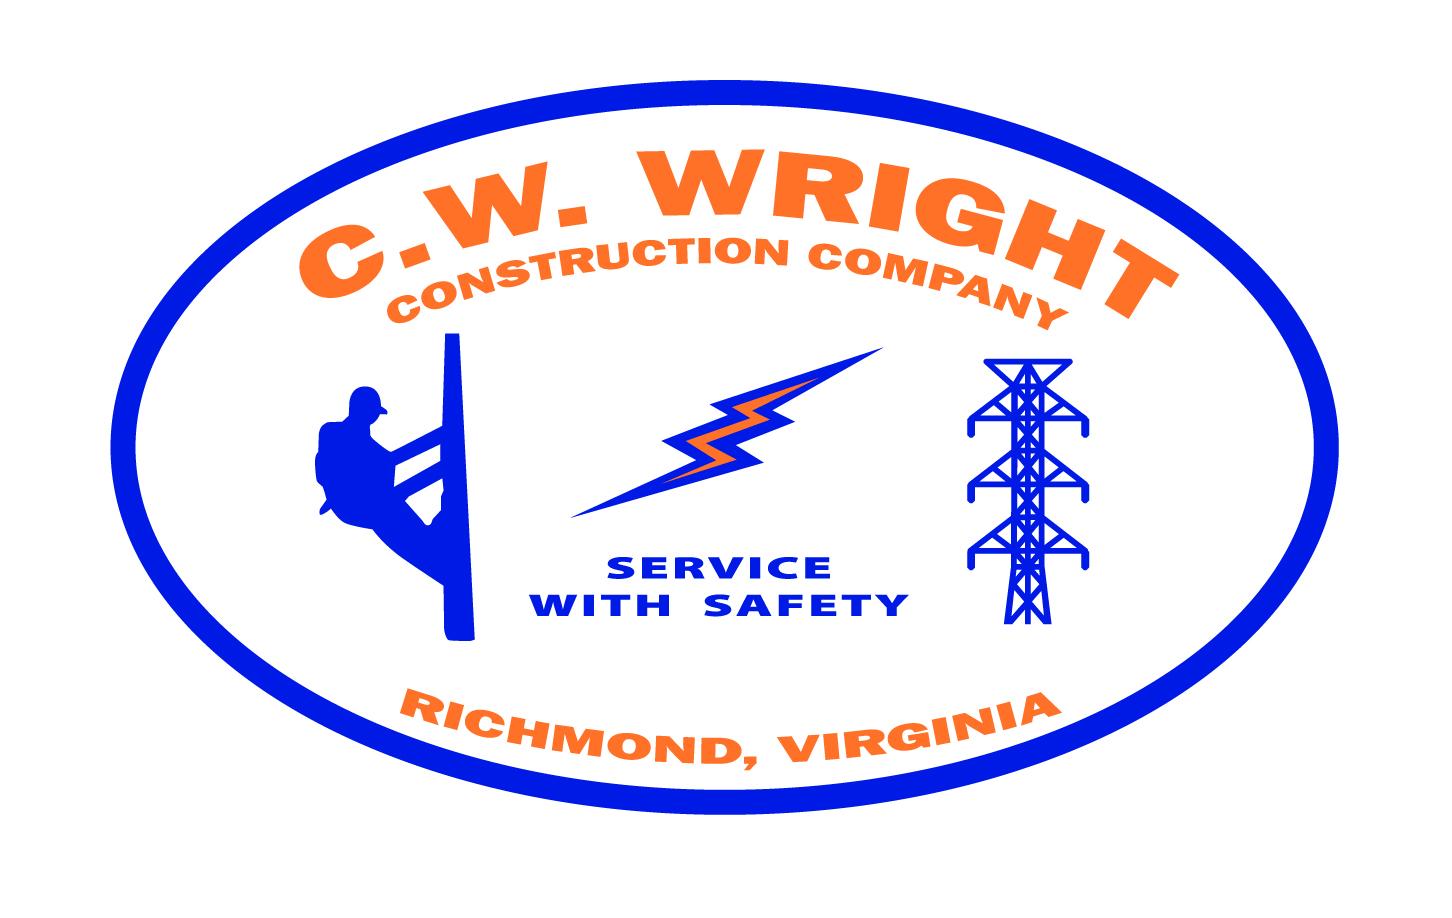 CWWRIGHT LOGO